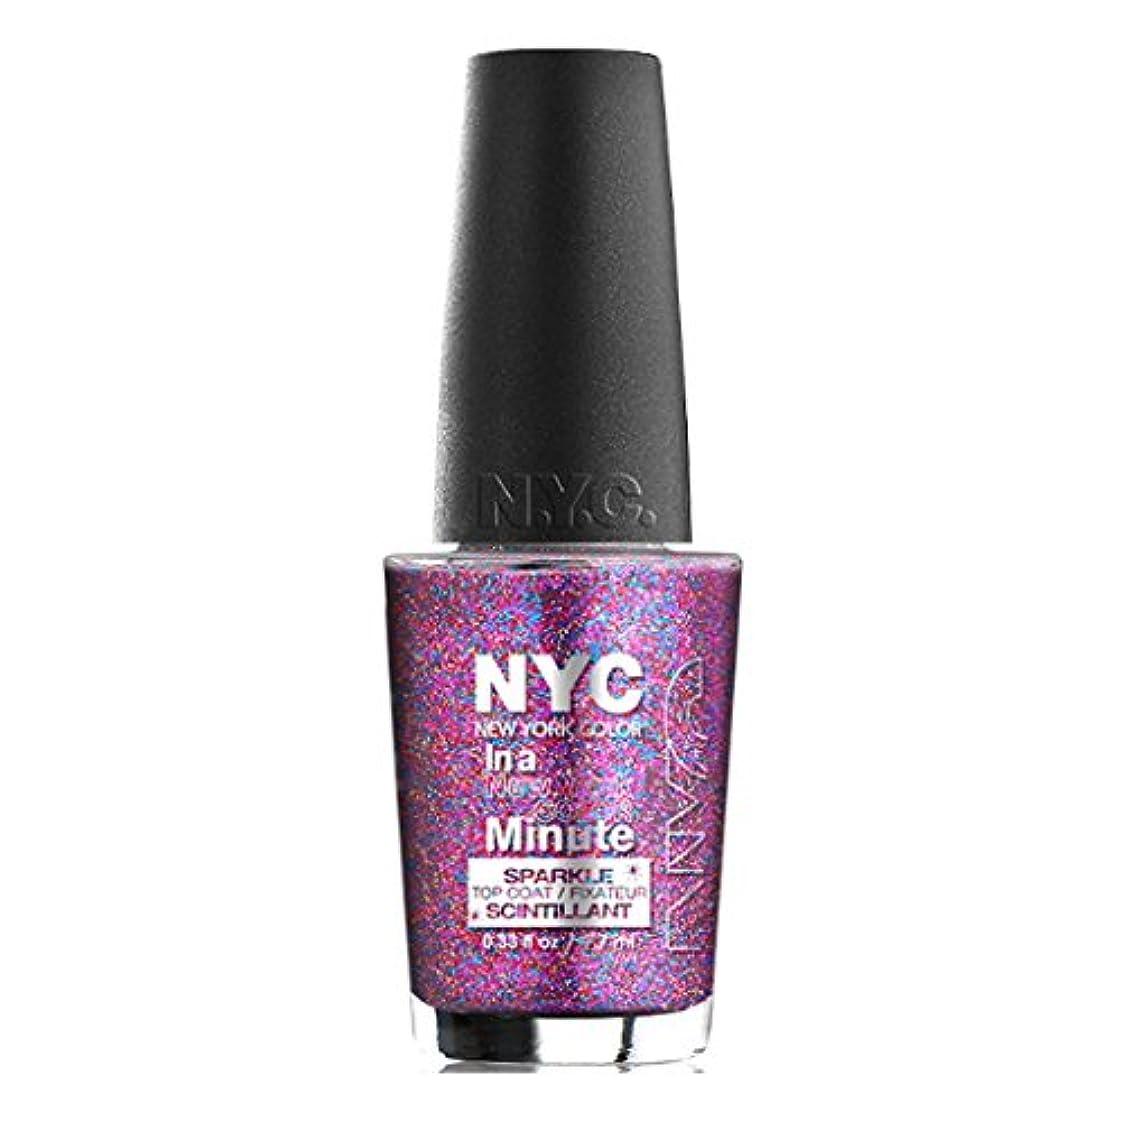 思慮深いチャーミングオンNYC In A New York Color Minute Sparkle Top Coat Big City Dazzle (並行輸入品)